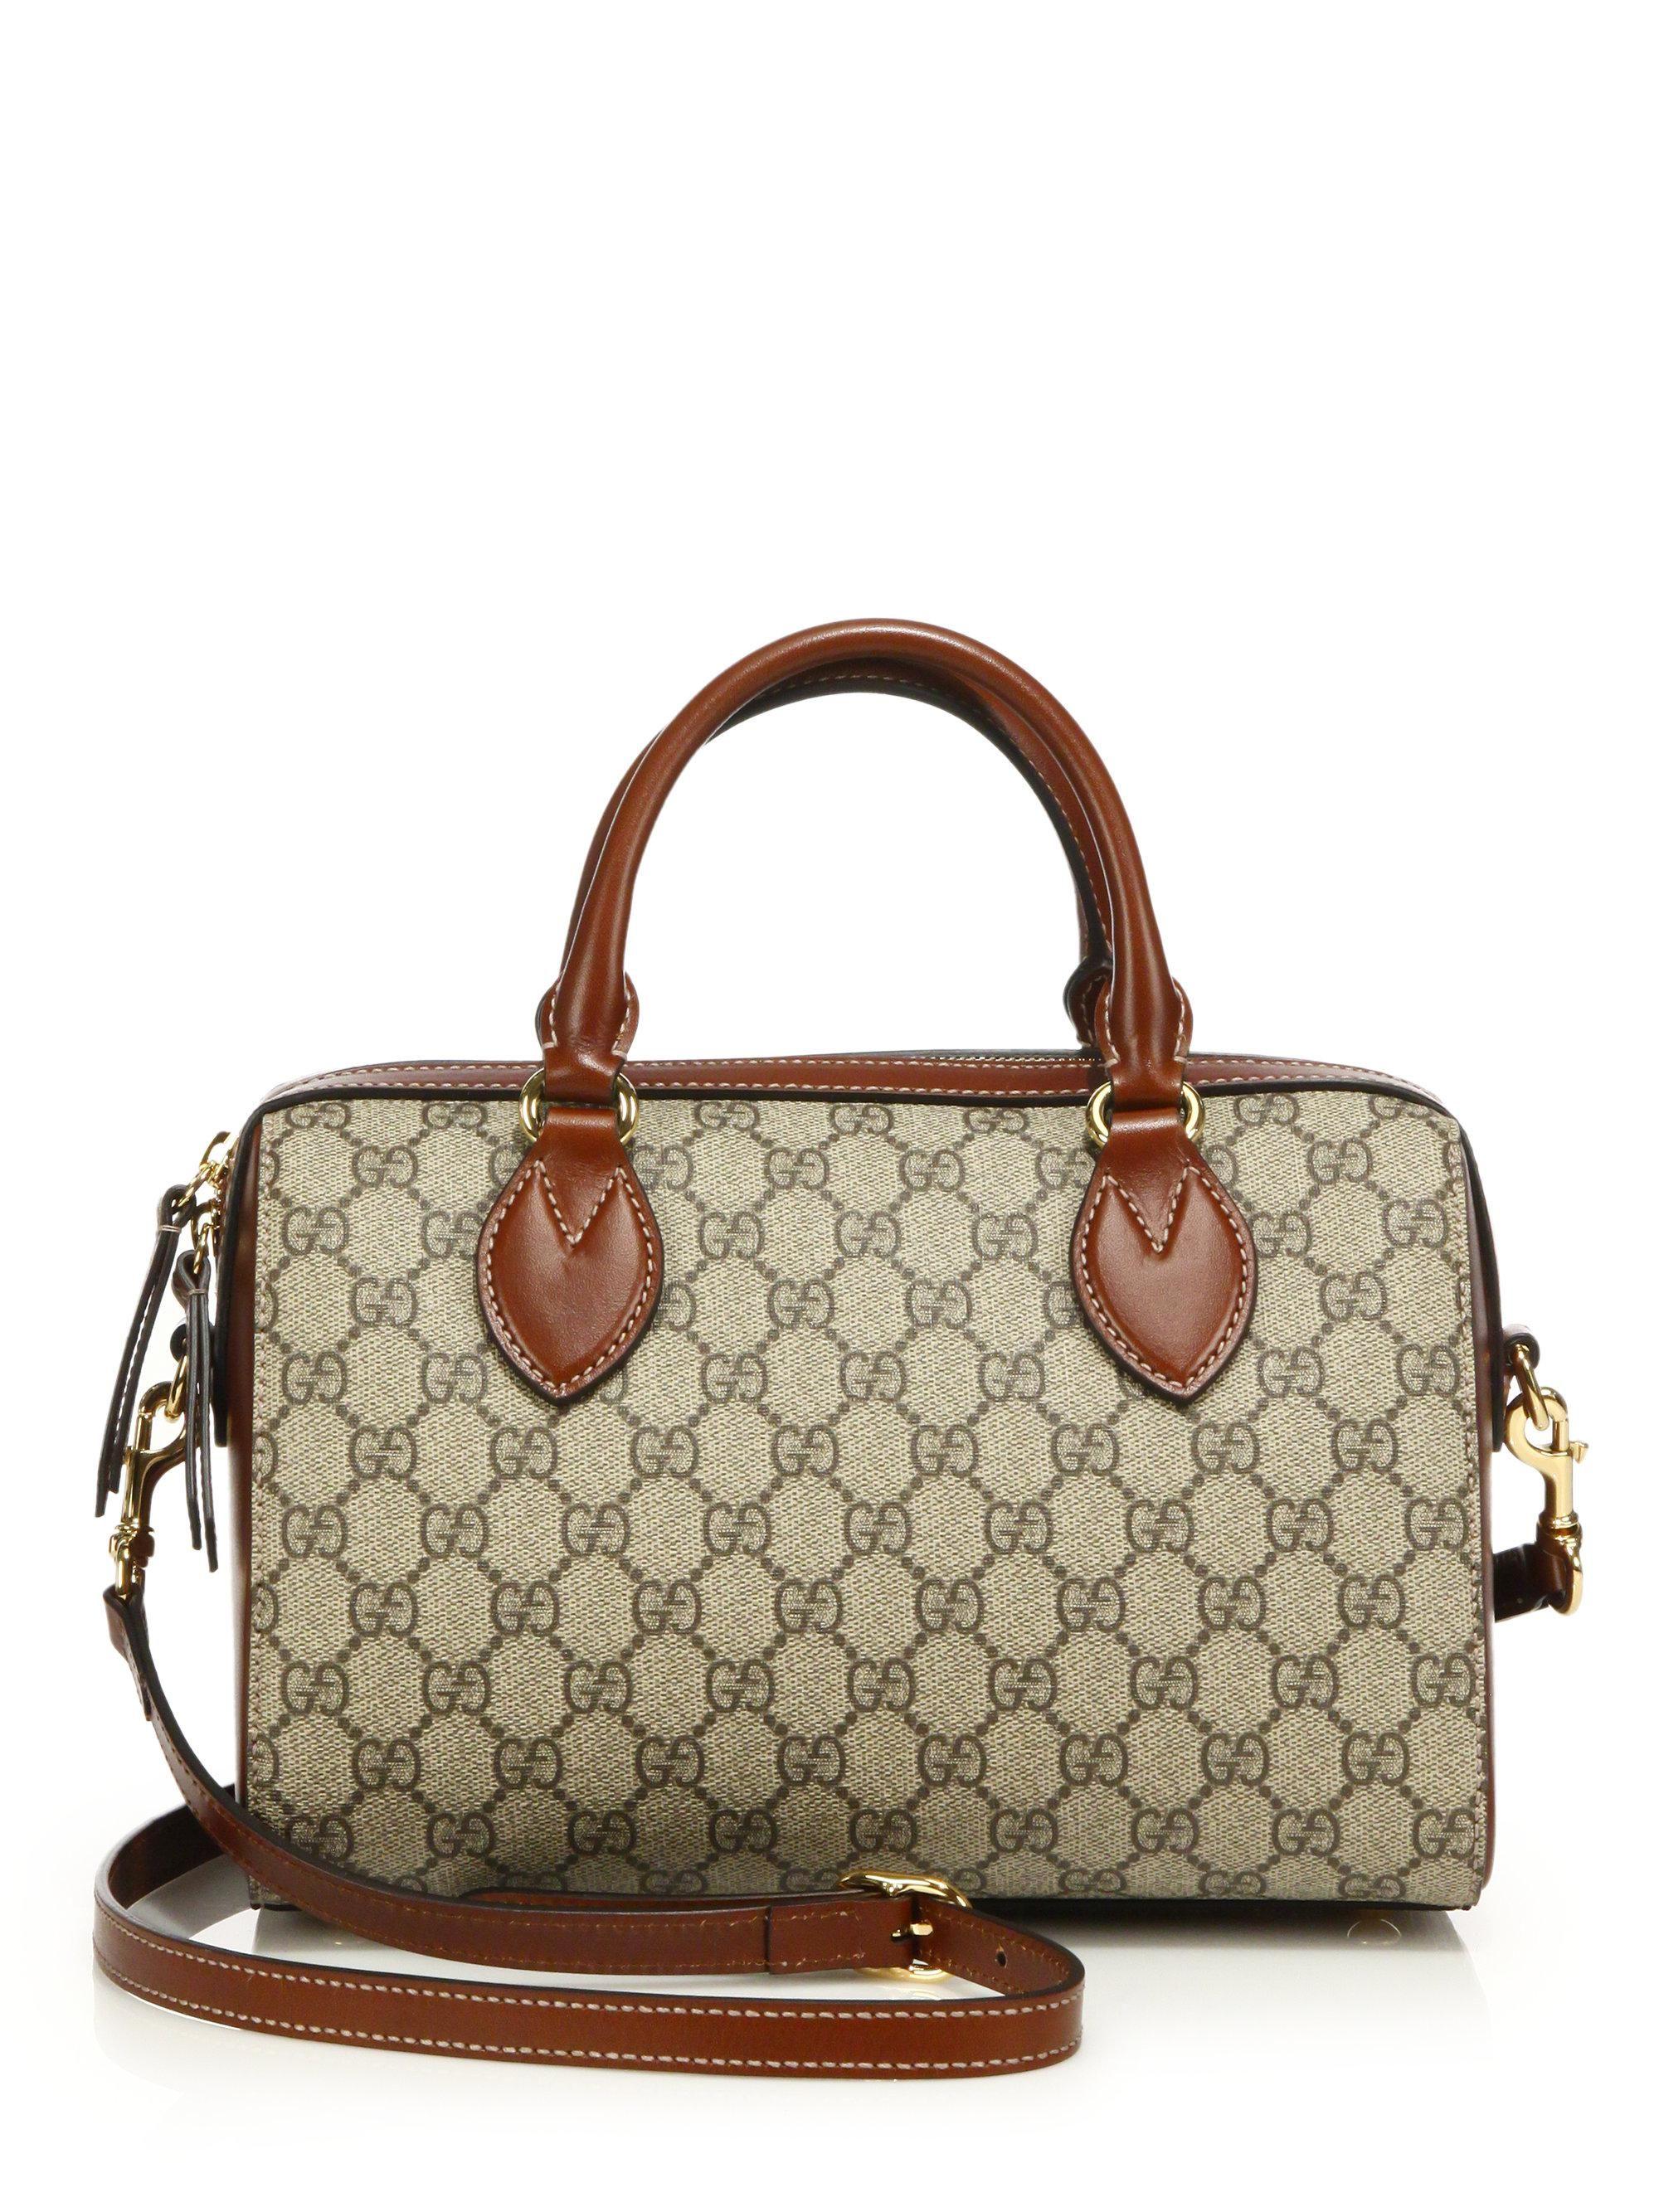 افضل اسماء شنط اليد ماركات عالمية اصلية وصورها 2019 Gucci Shoulder Bag Canvas Shoulder Bag Brown Shoulder Bag